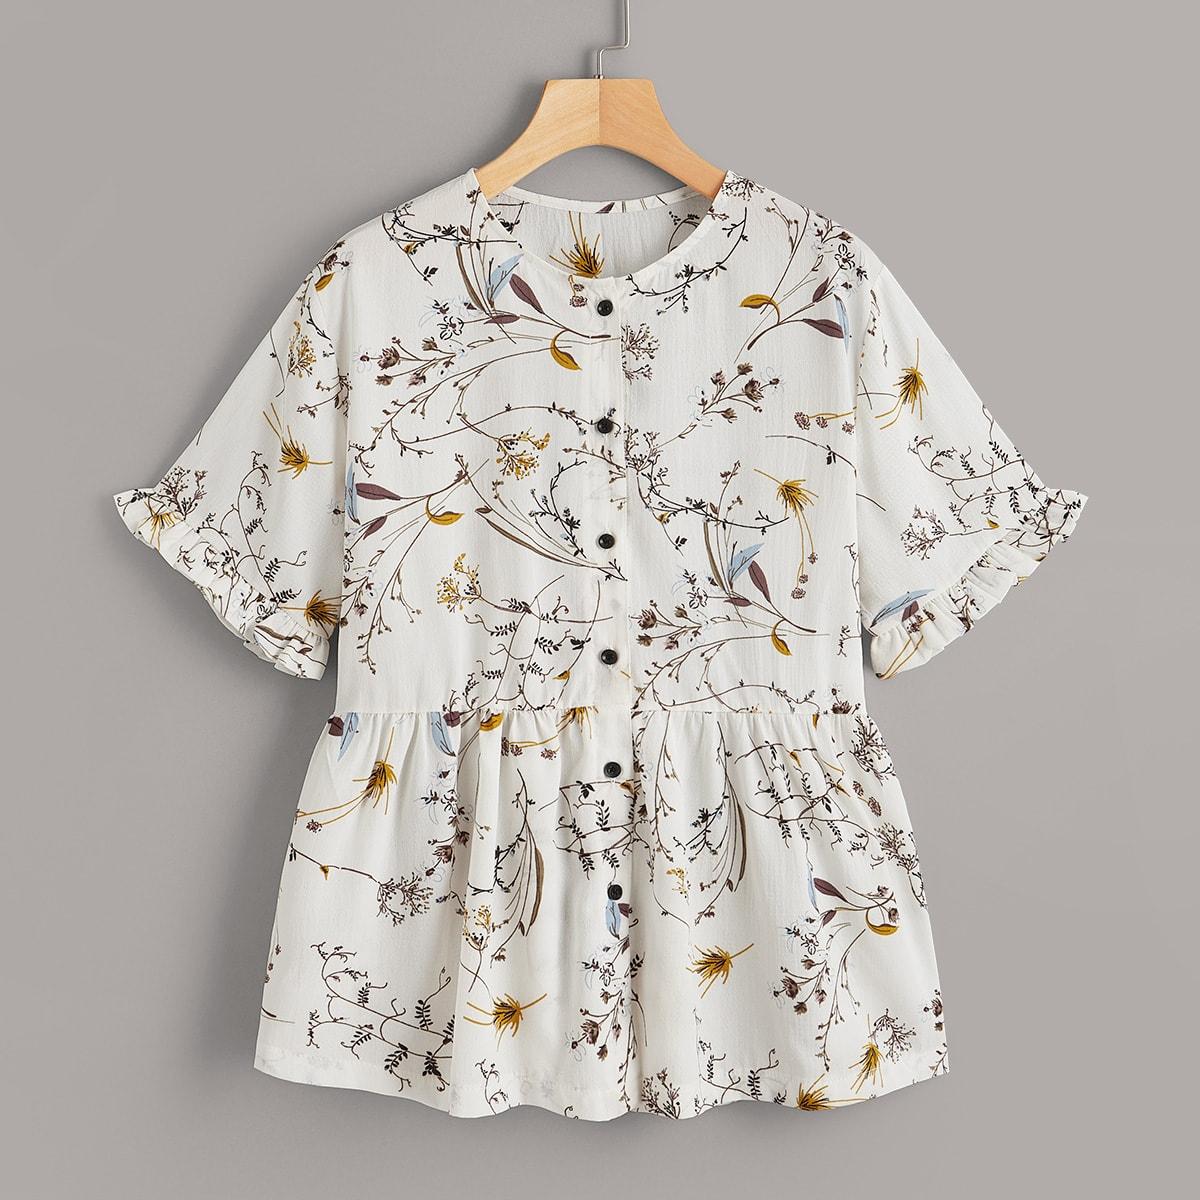 Блуза С Застежкой Спереди И Оборками Цветочный  Принт